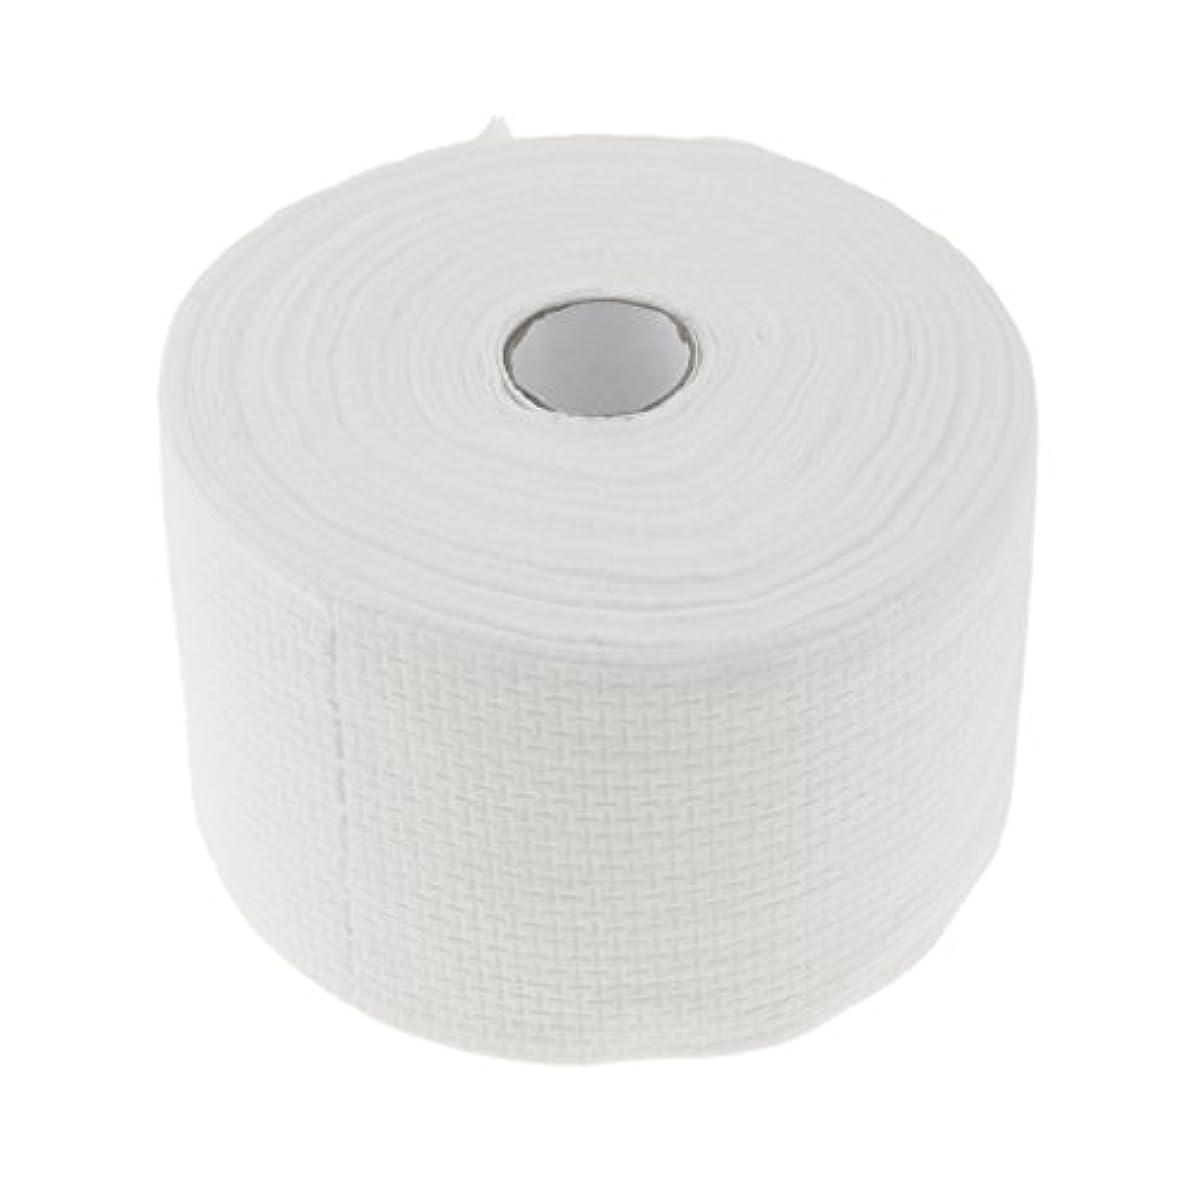 続ける極めて重要なスローガンPerfk 使い捨てタオル ロール式 洗顔タオル 30M コットン 快適 便利 家庭用 サロン 2タイプ選べる - #1